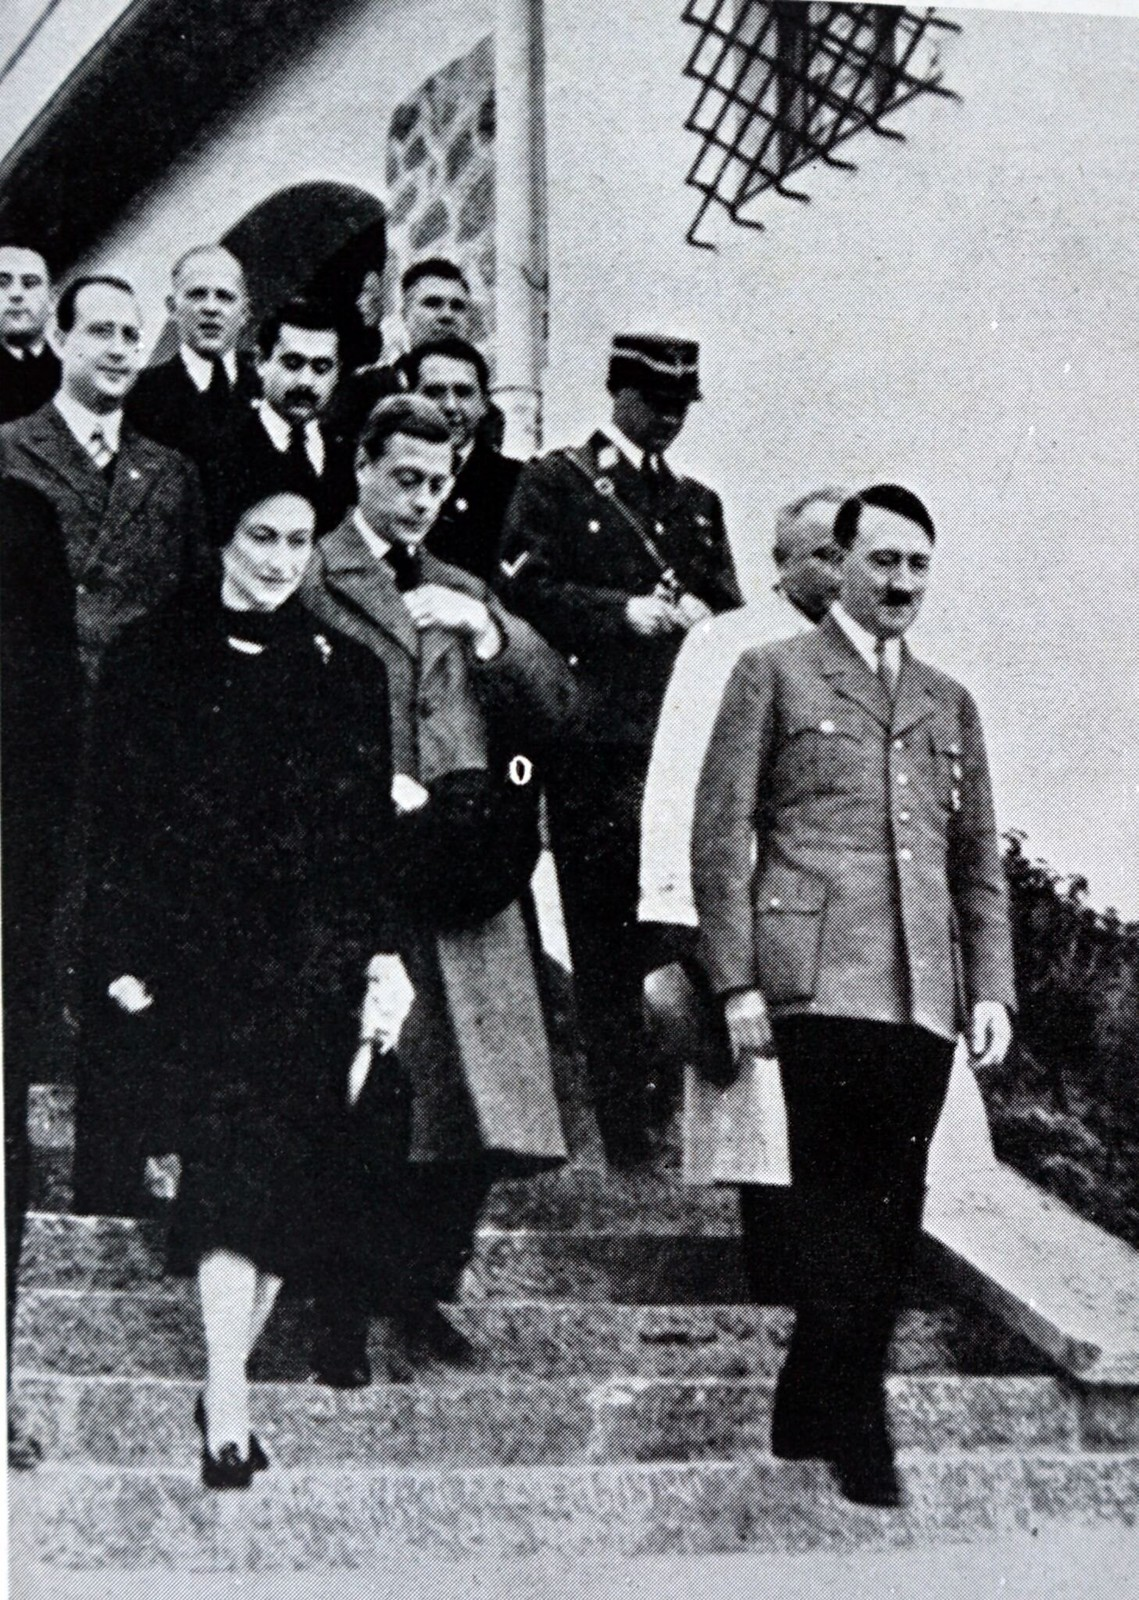 Герцог и герцогиня Виндзорские посещают канцлера Германии Адольфа Гитлера в его доме в Берхтесгадене в Баварских Альпах